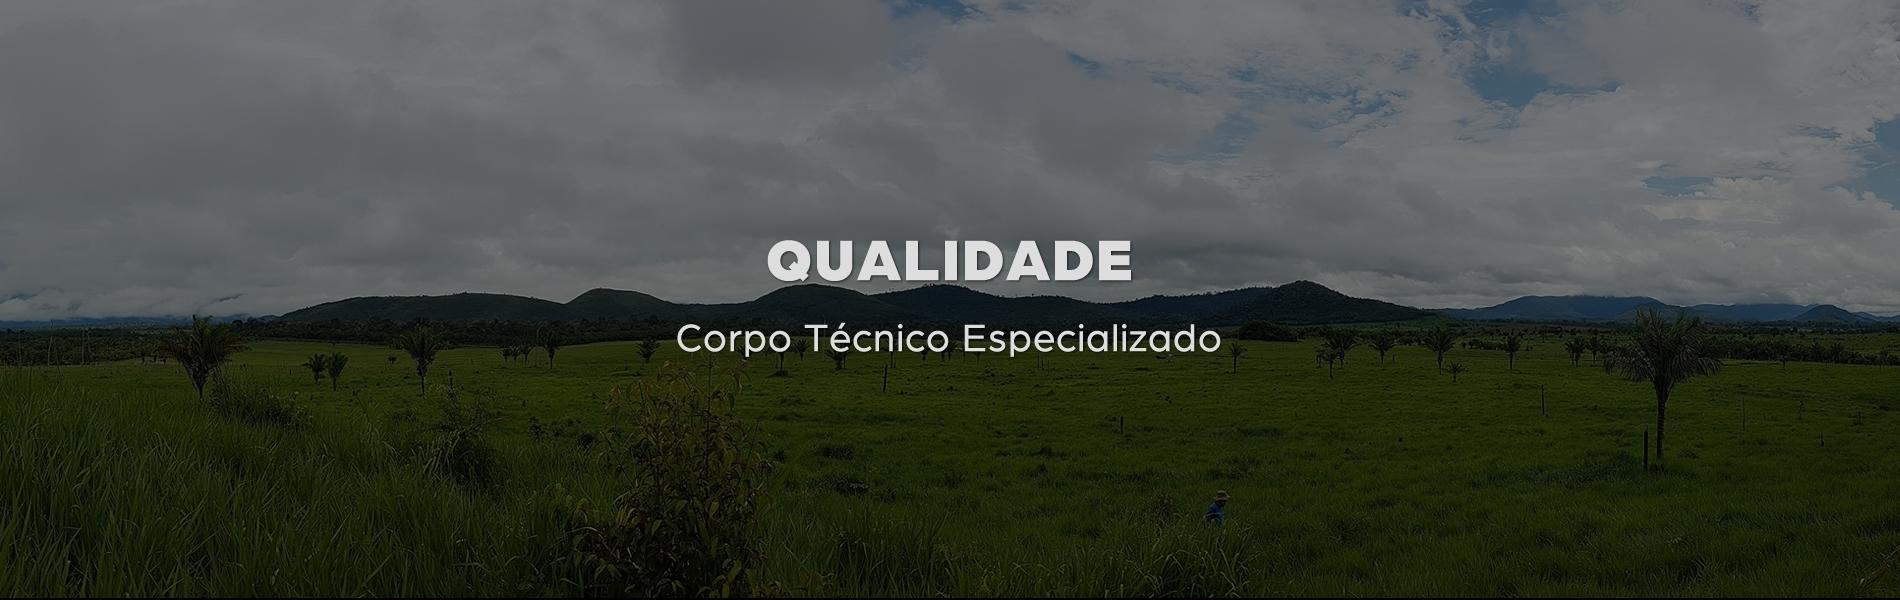 Qualidade - Corpo Técnico Especializado - Soluções Ambientais - Ecovery